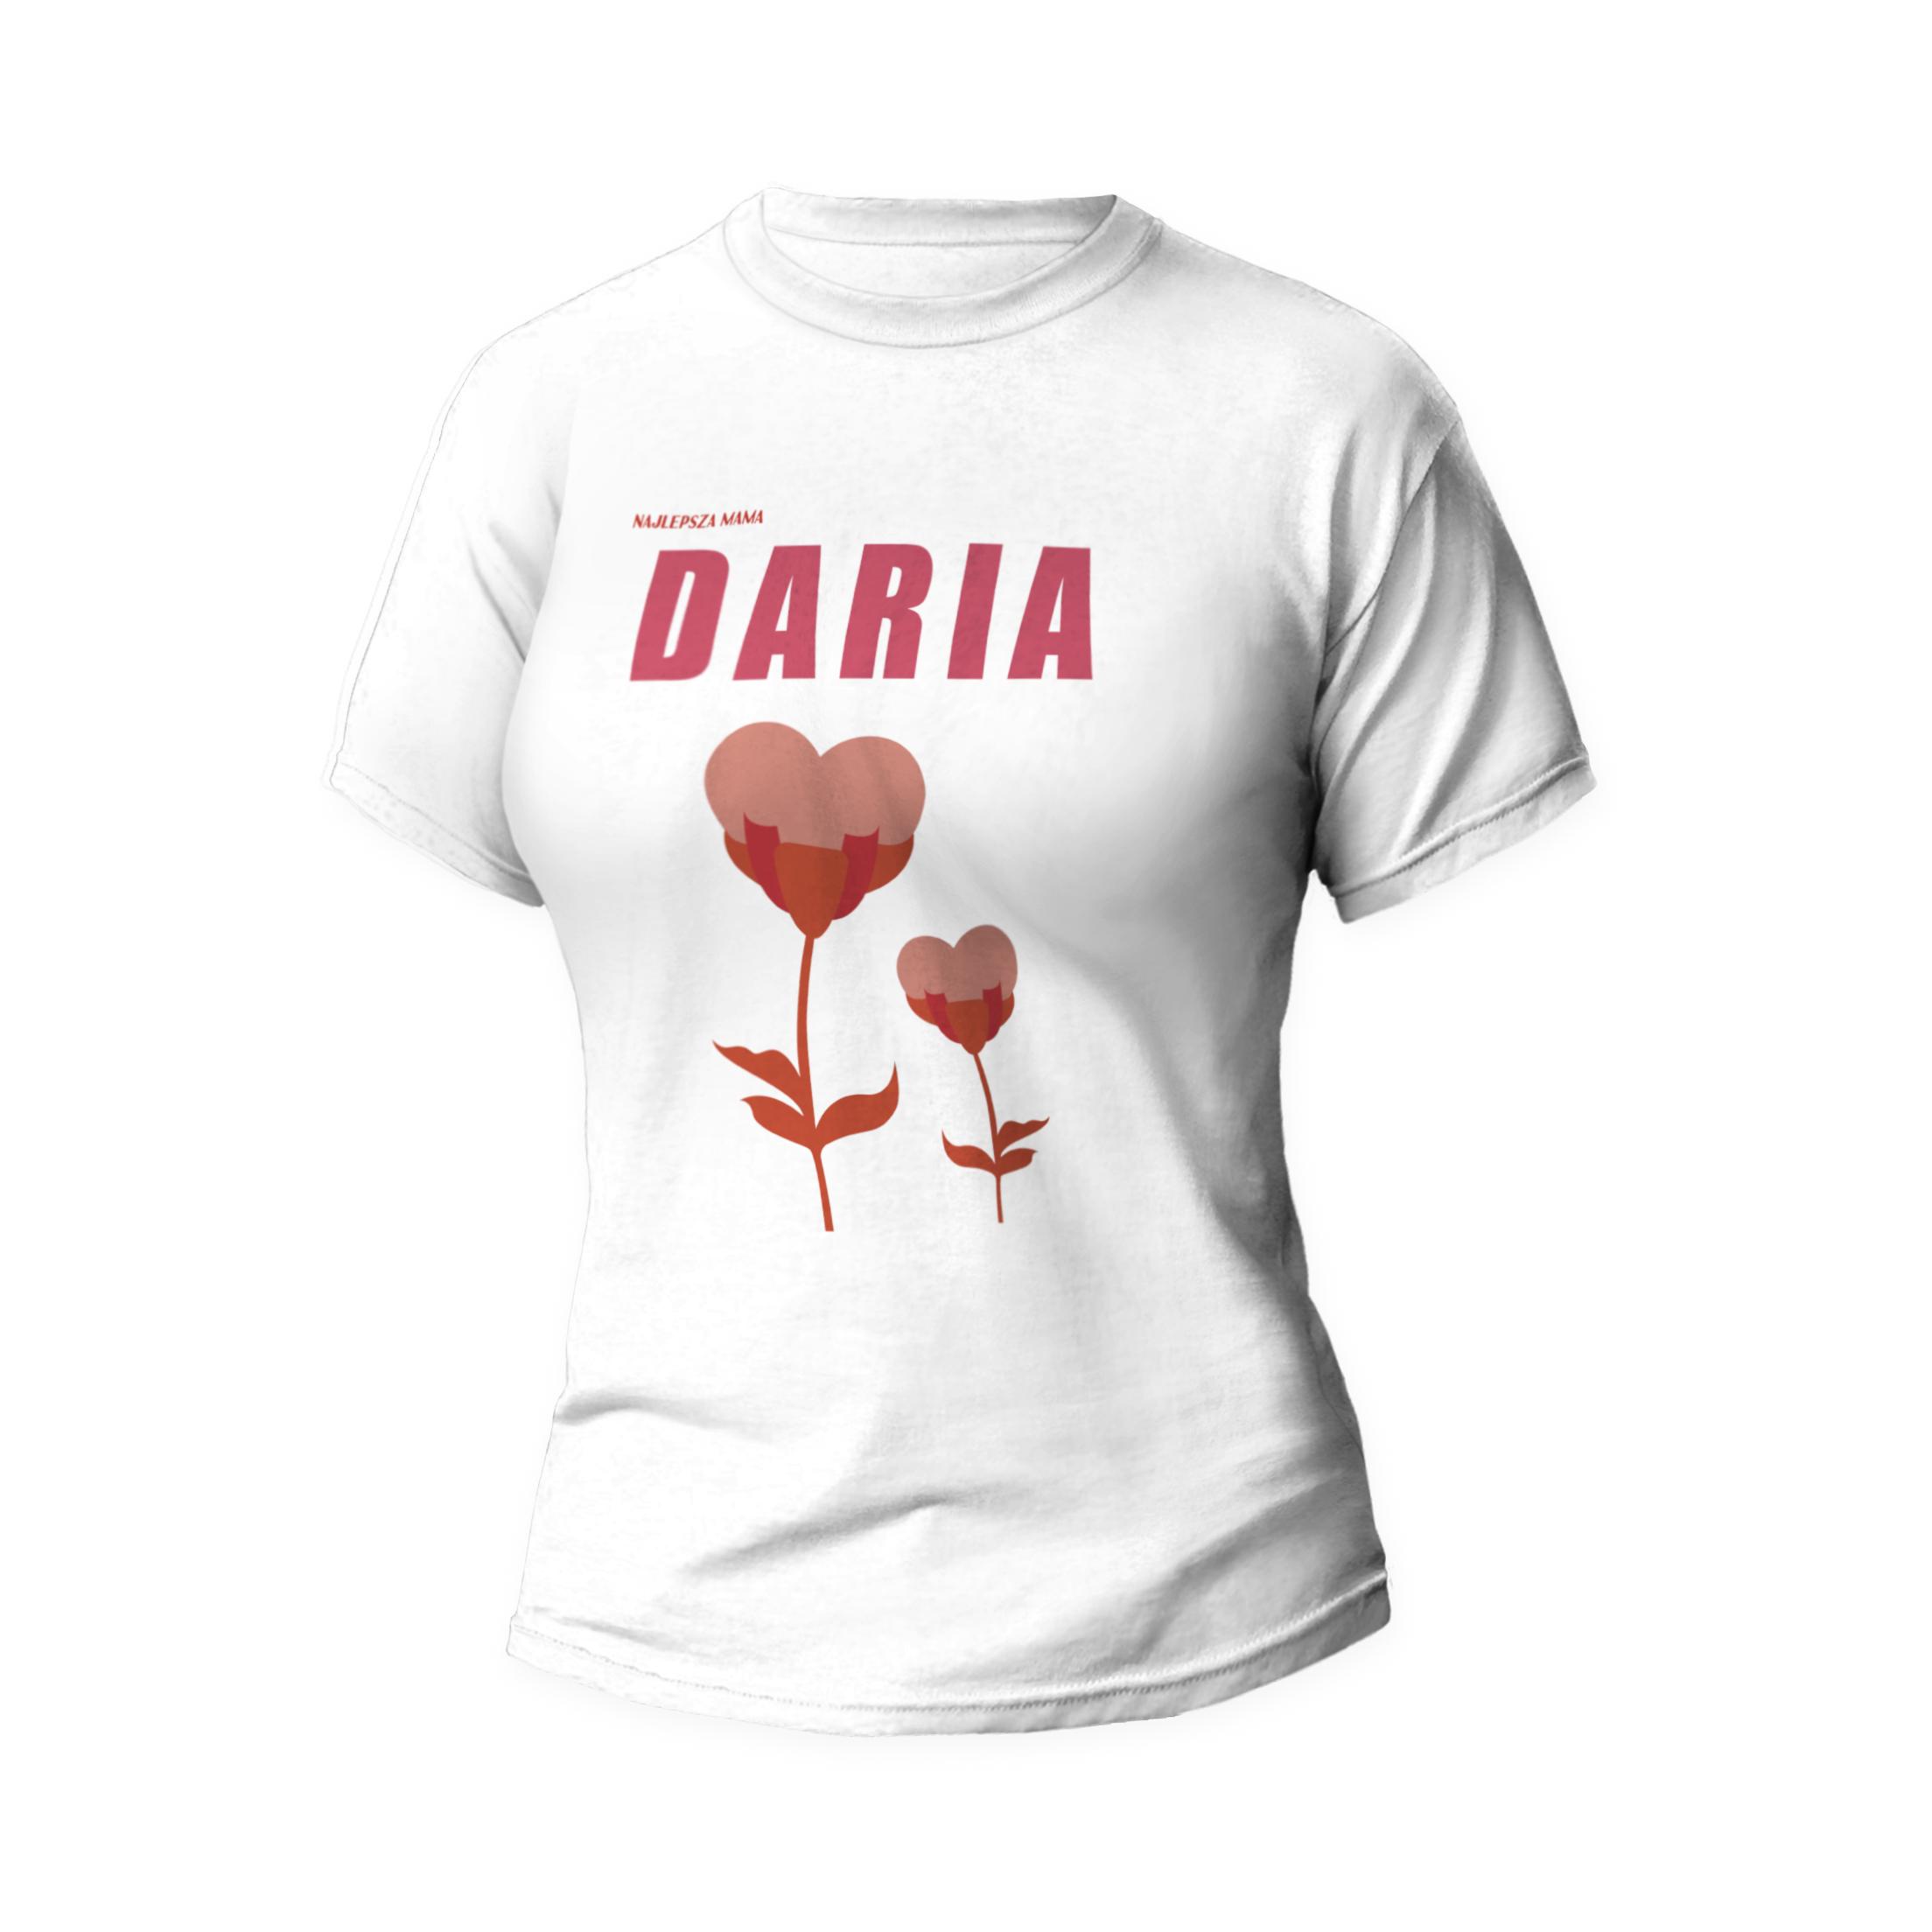 Rozmiar L - koszulka damska z własnym nadrukiem - Dla najlepszej mamy - biała